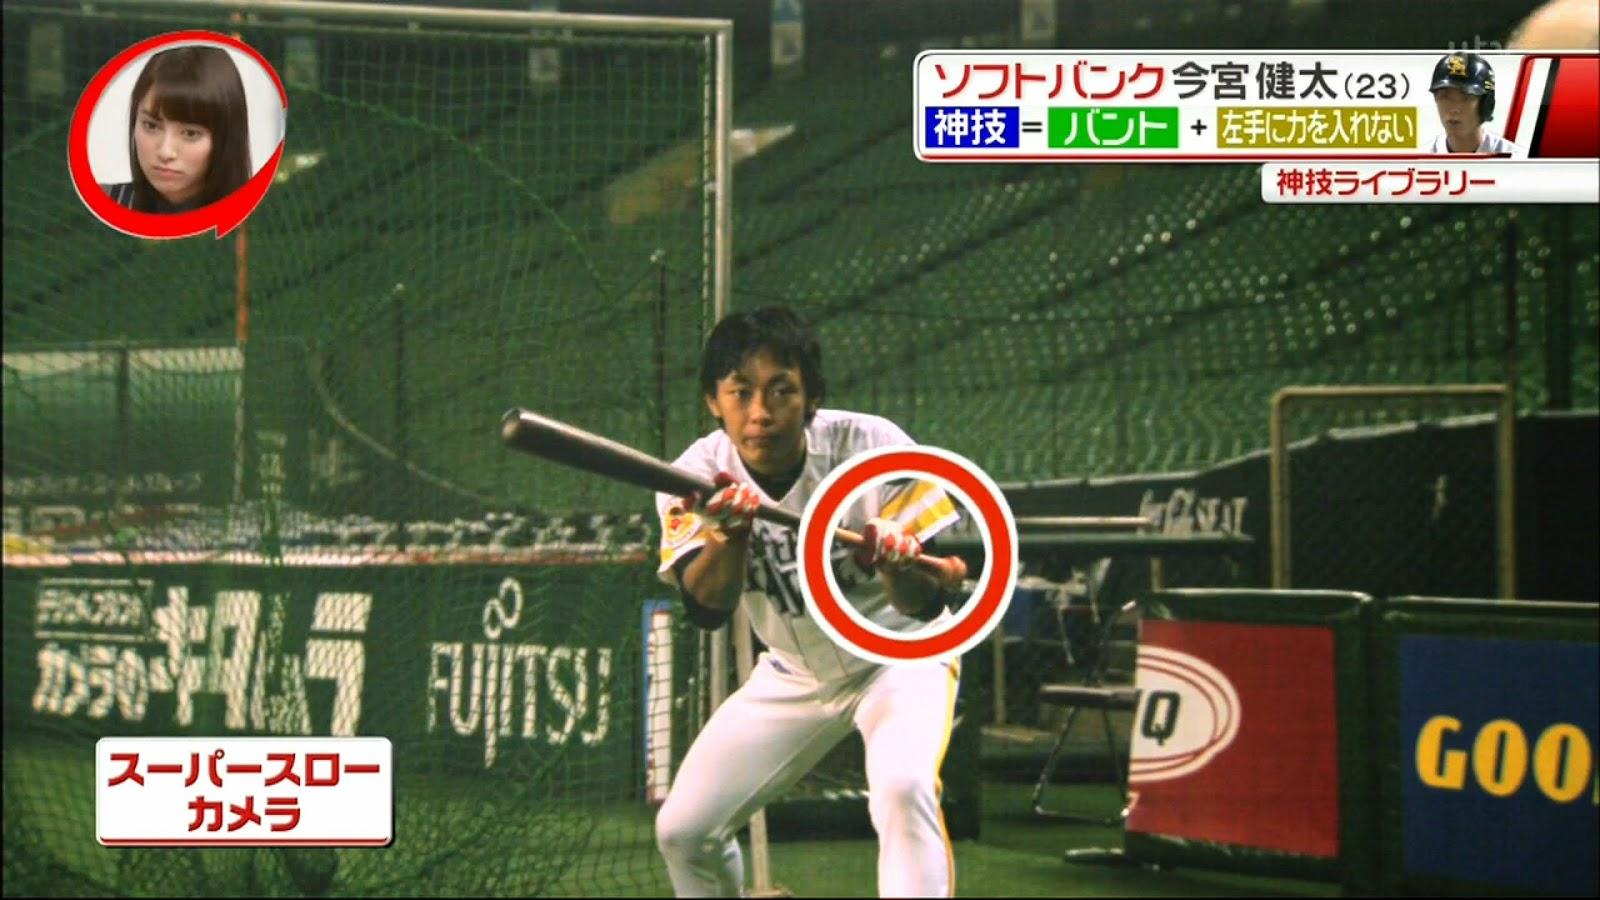 ホークス 今宮健太 バントの極意 野球まとめに自信ニキ